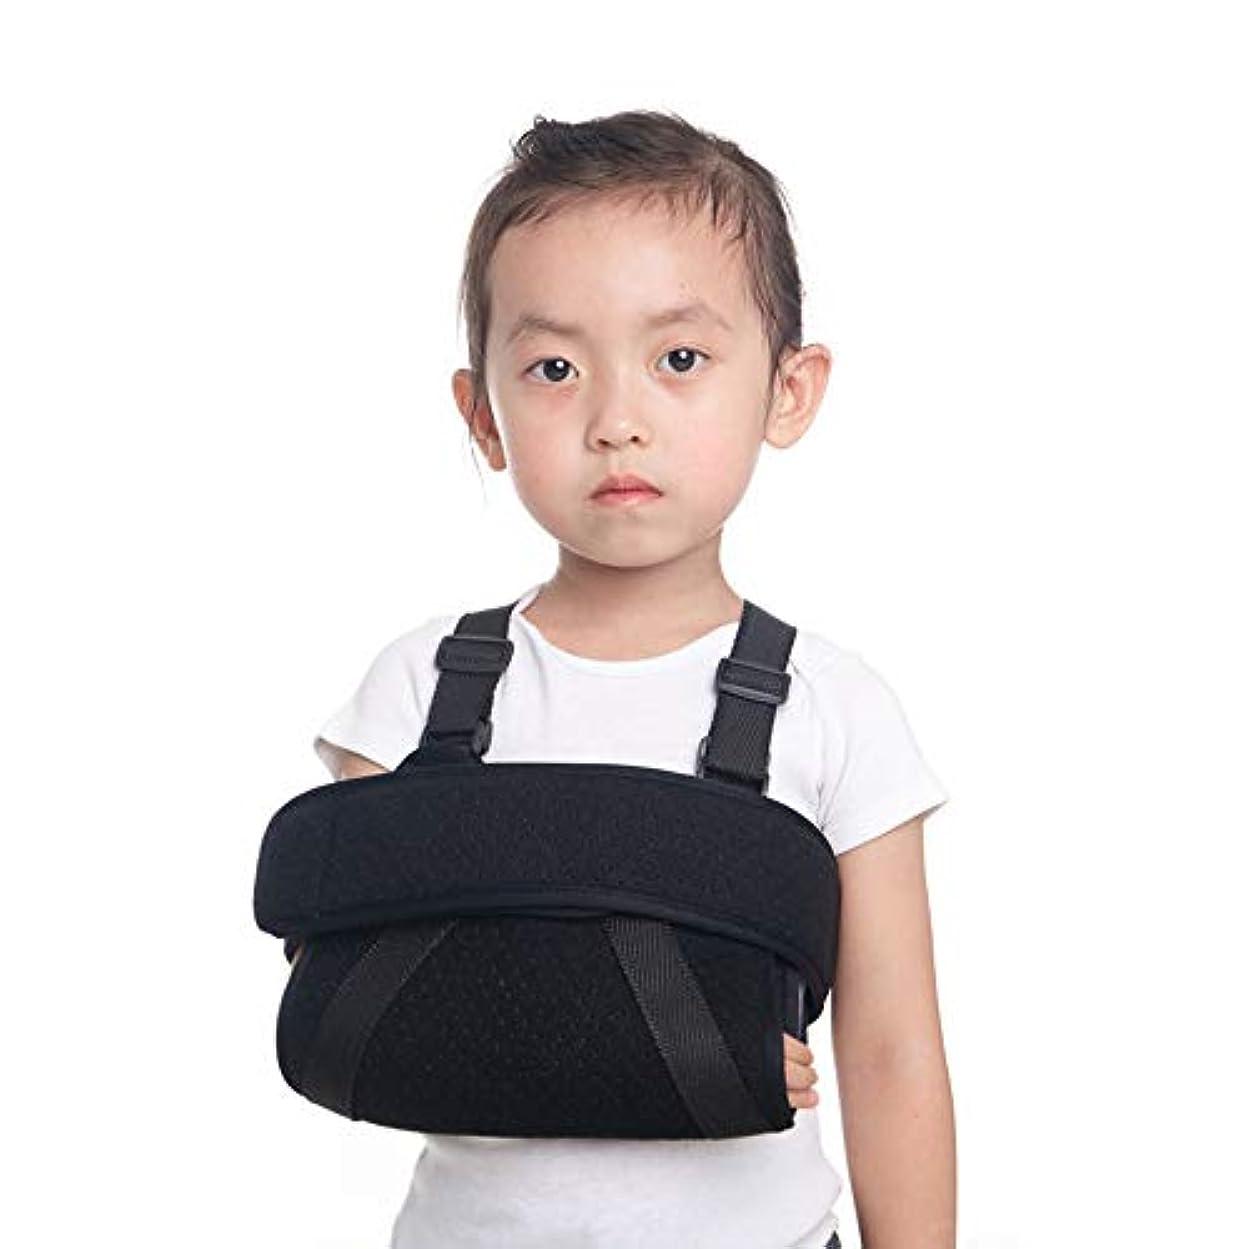 作業十分ではないハッチキッズフラクチャリングスリング、アームエルボーフラクチャ固定ブレース、6-10歳の子供の 手首脱臼保護サポート